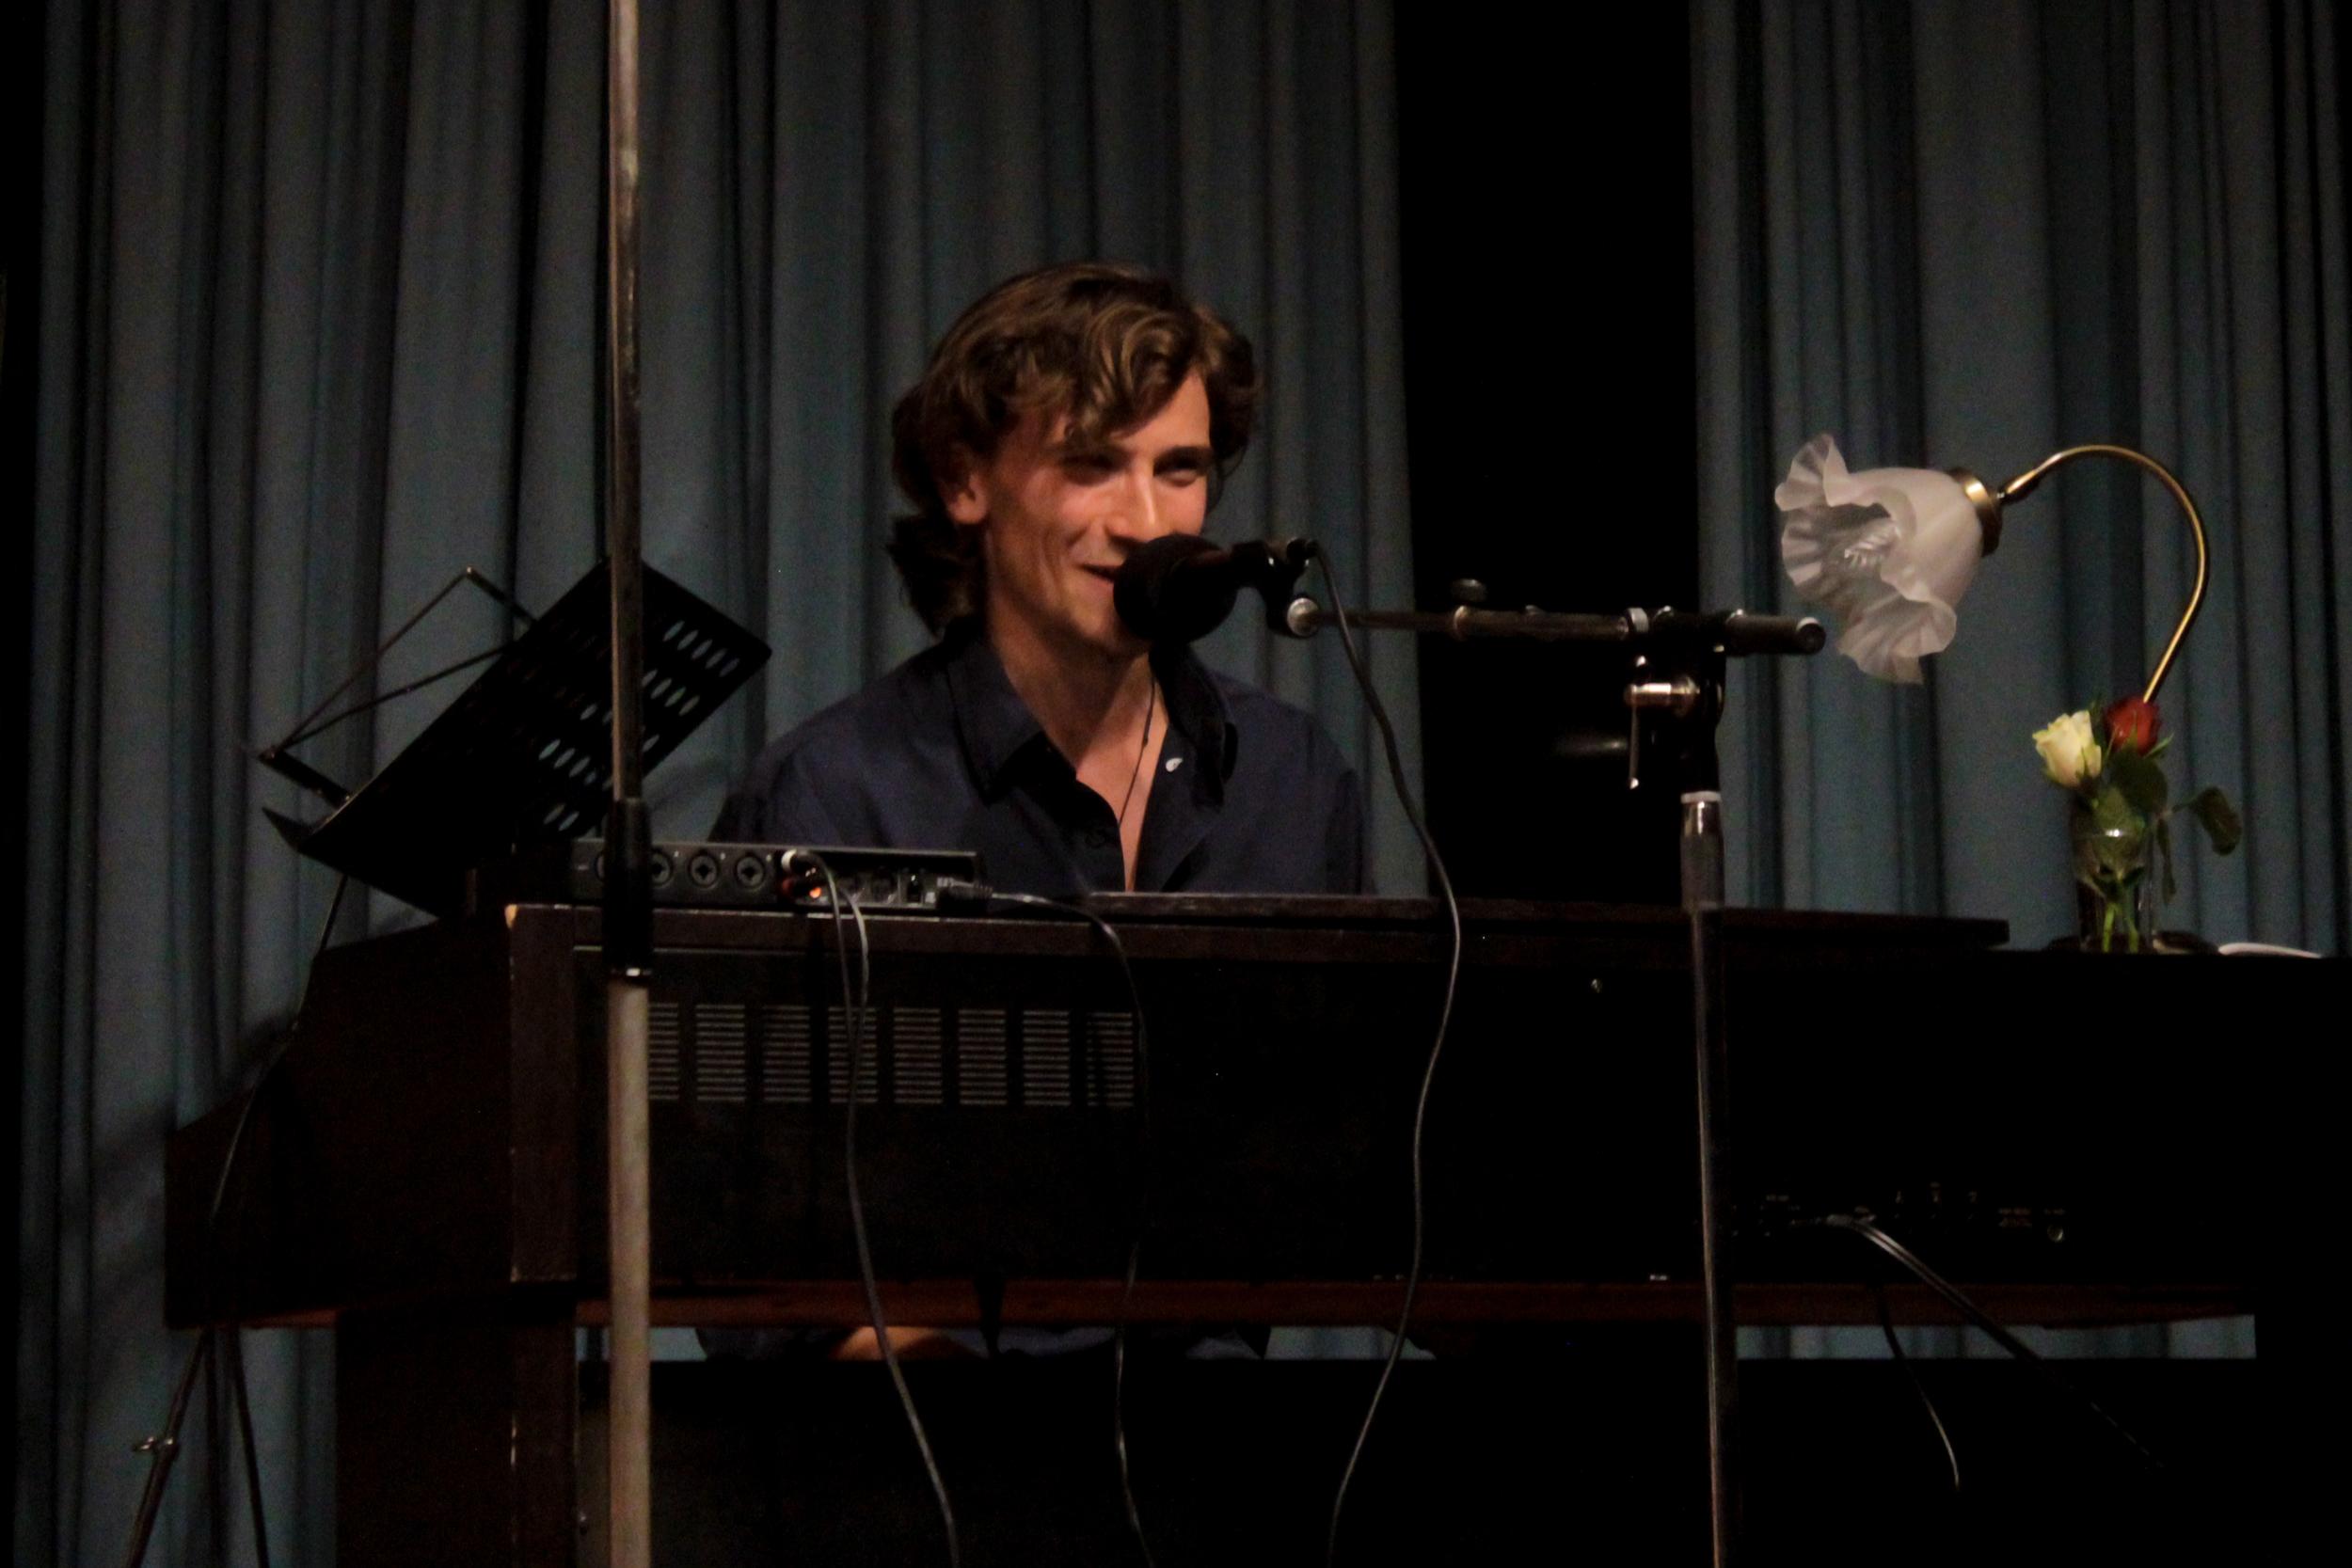 Silas Goodman (May 2015)